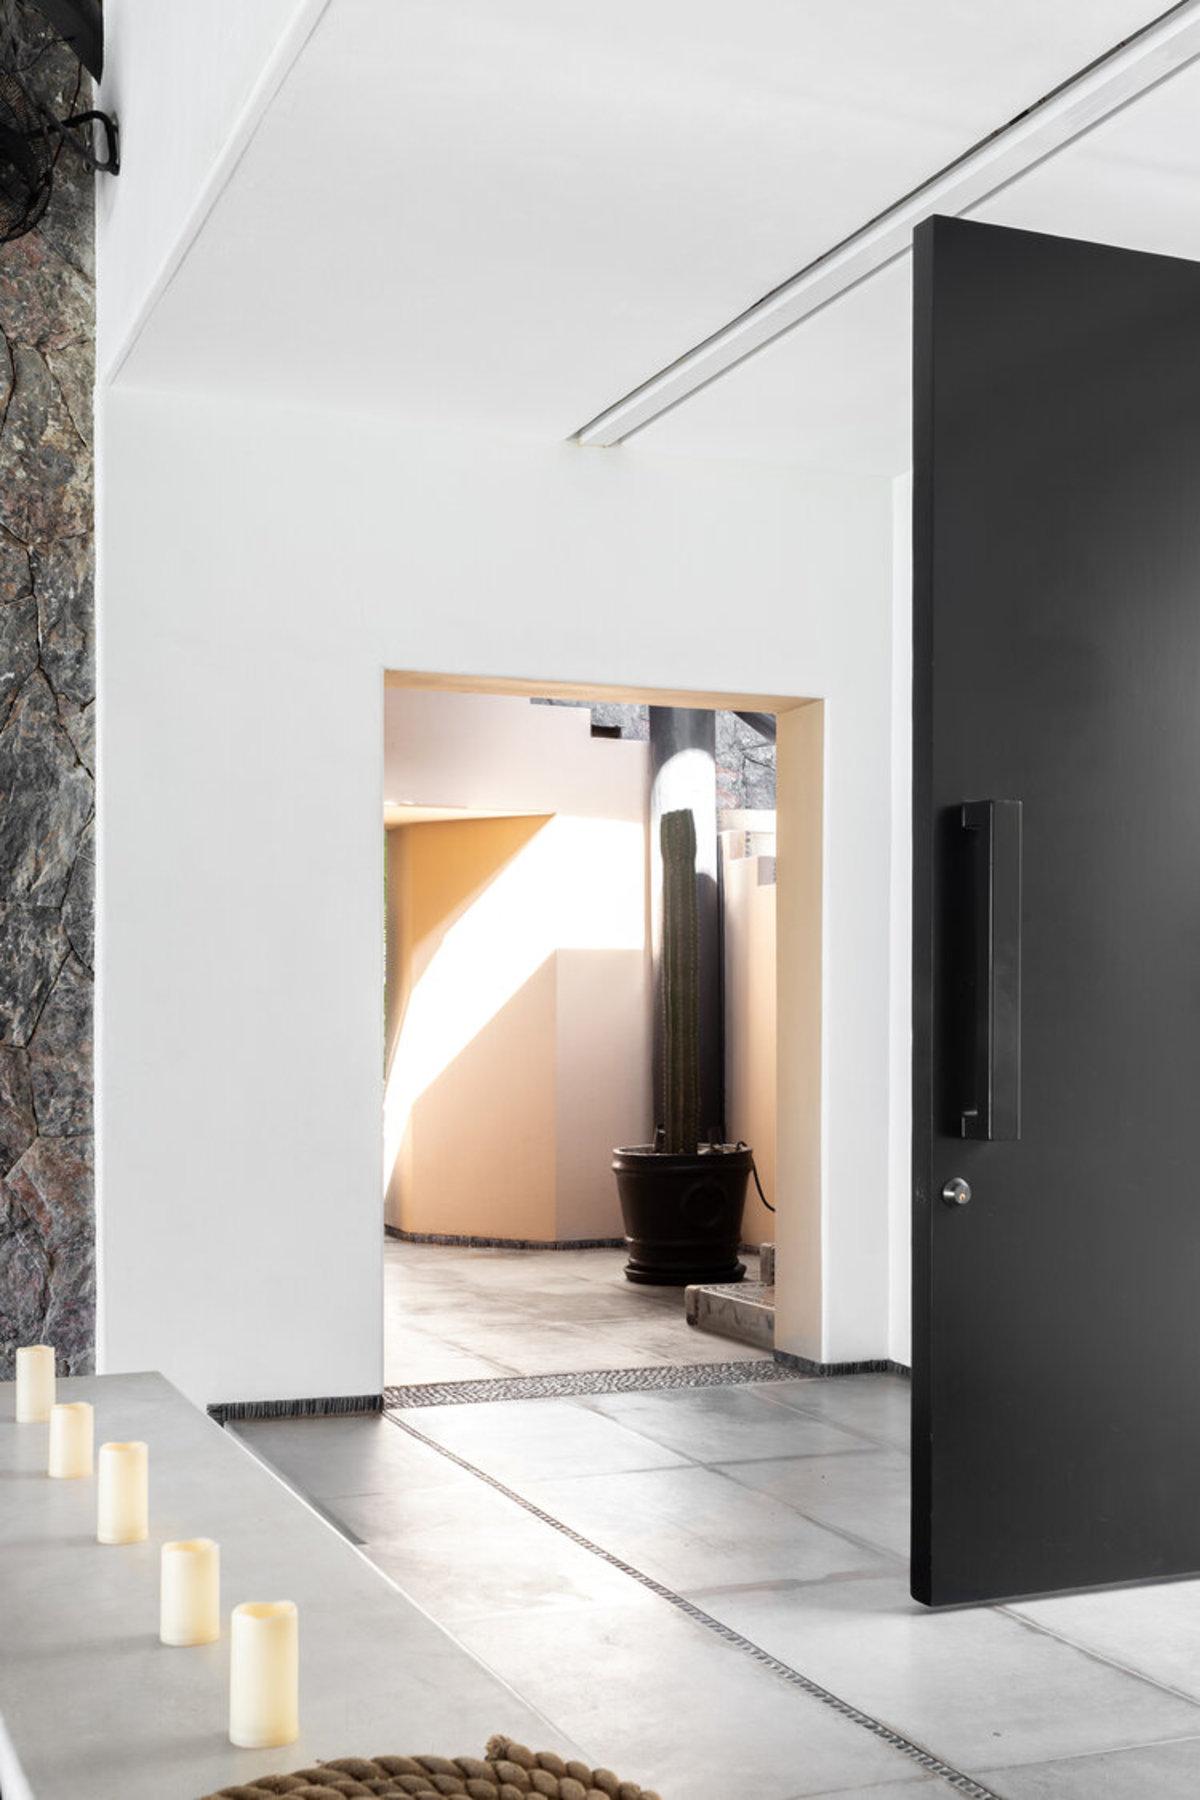 Casa La Vida - Sự hòa quyện giữa kiến trúc bản địa và kiến trúc đương đại | Zozaya Arquitectos